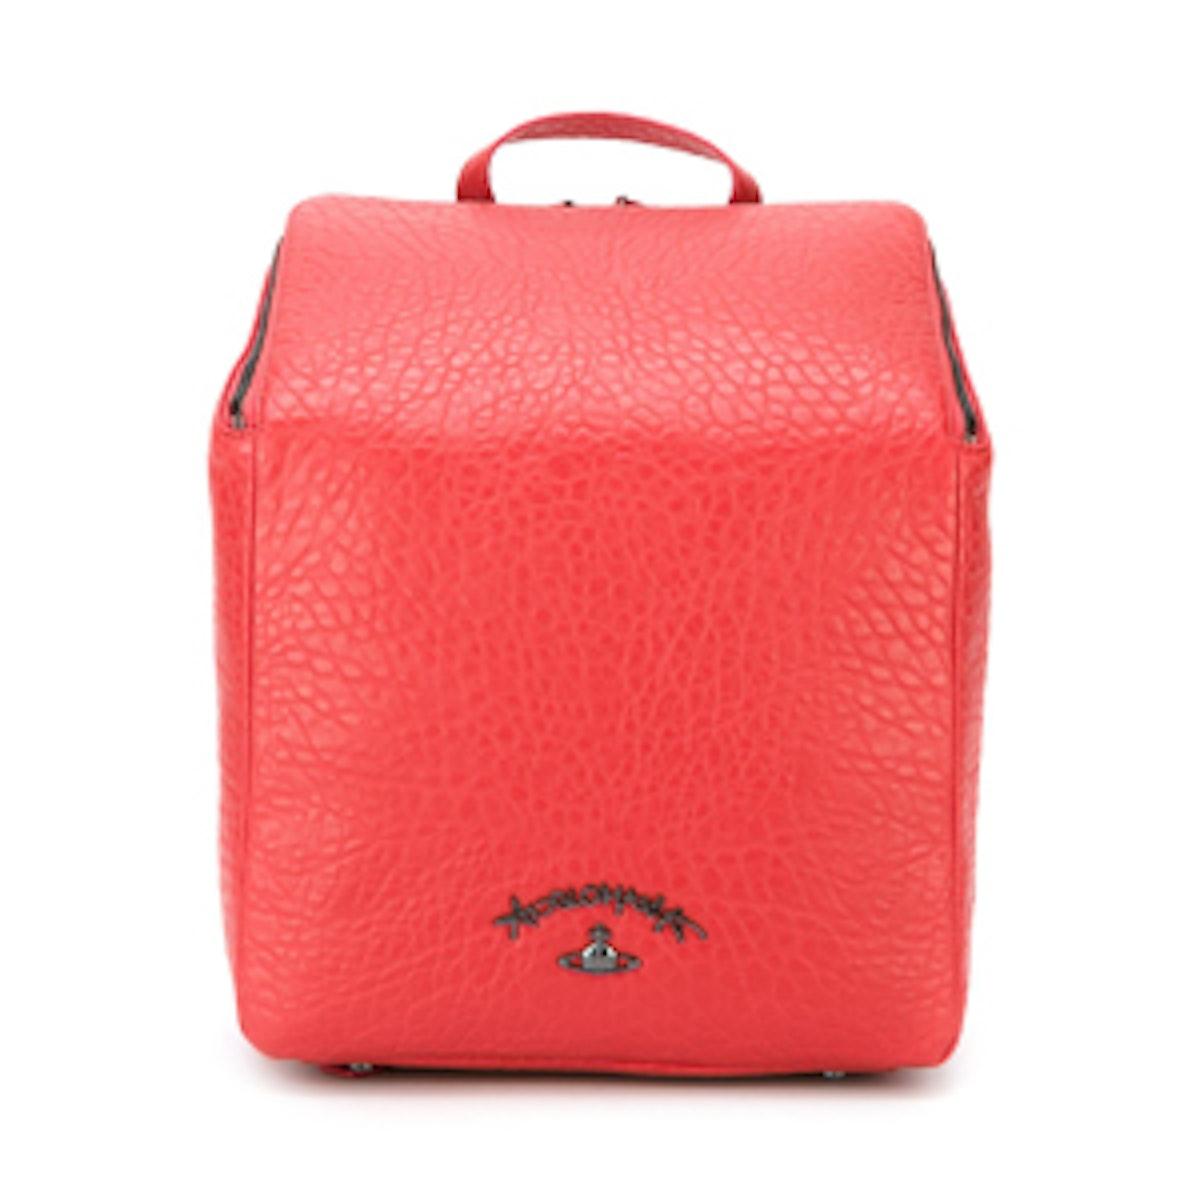 Rectangular Body Backpack